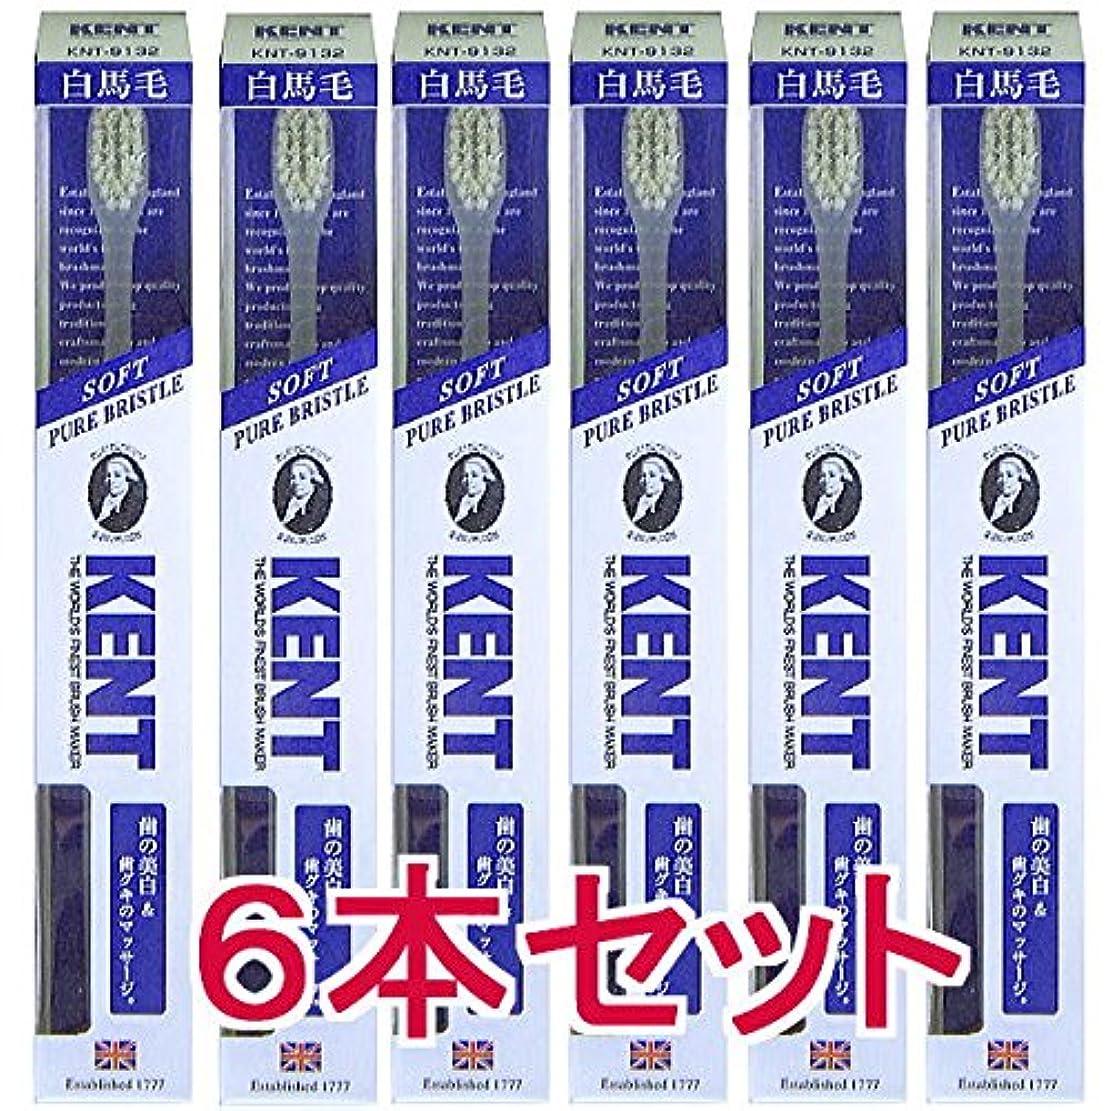 再生任意フクロウ【6本セット】KENT ケント 白馬毛歯ブラシ コンパクトヘッドKNT9132 柔らかめ